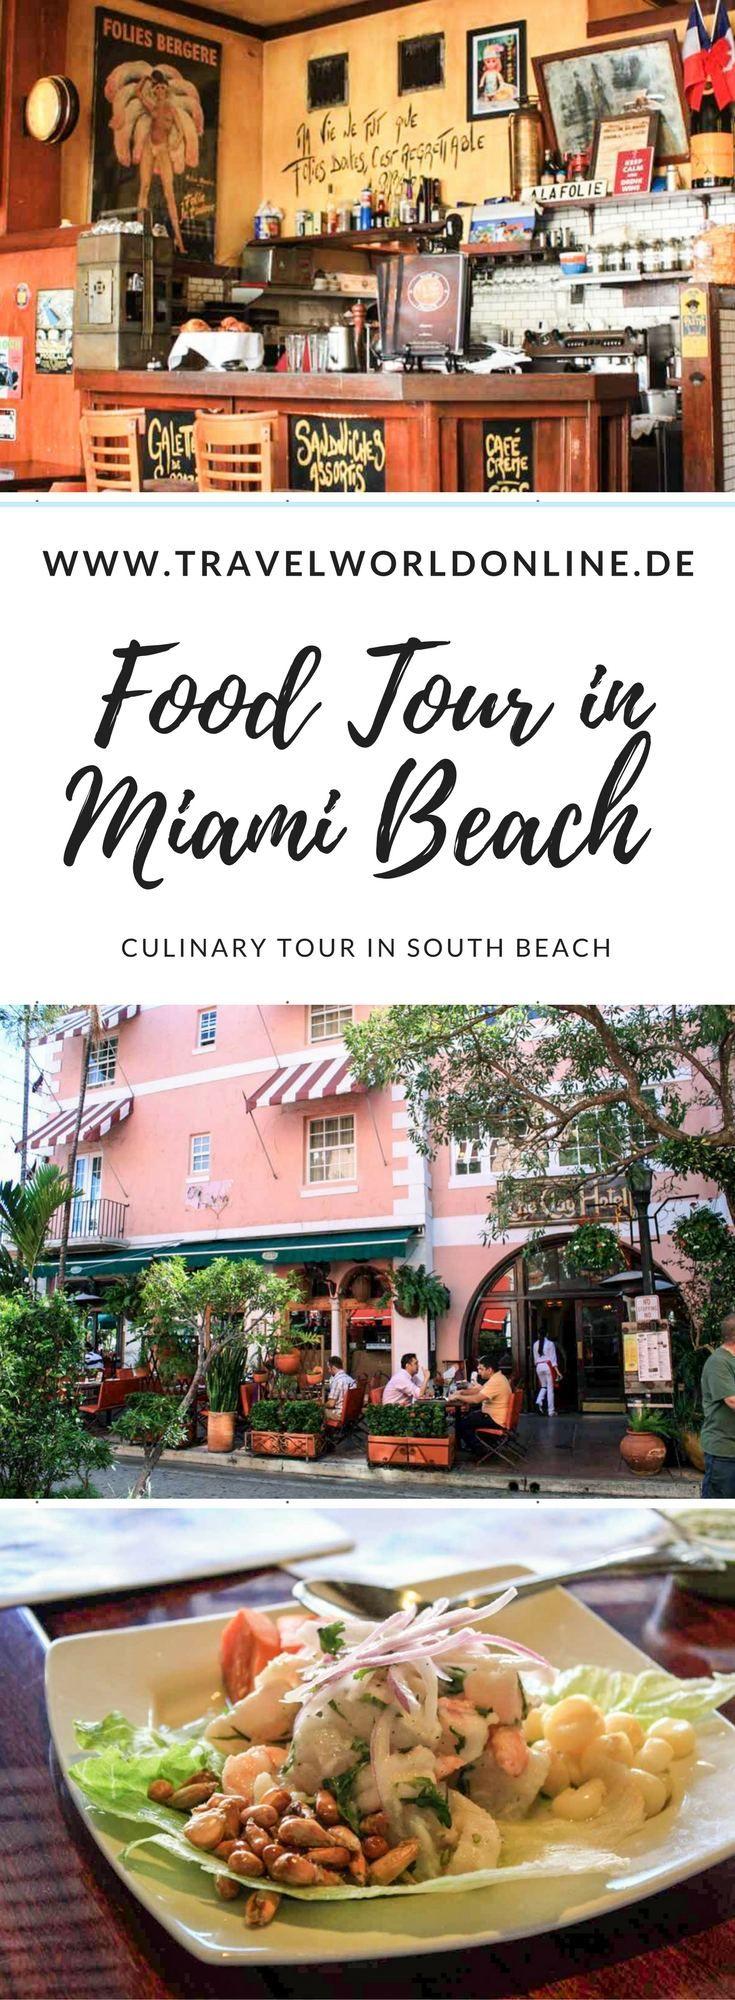 Eine Food Tour in Miami Beach ist eine tolle Möglichkeit, South Beach aus anderer Perspektive zu sehen.